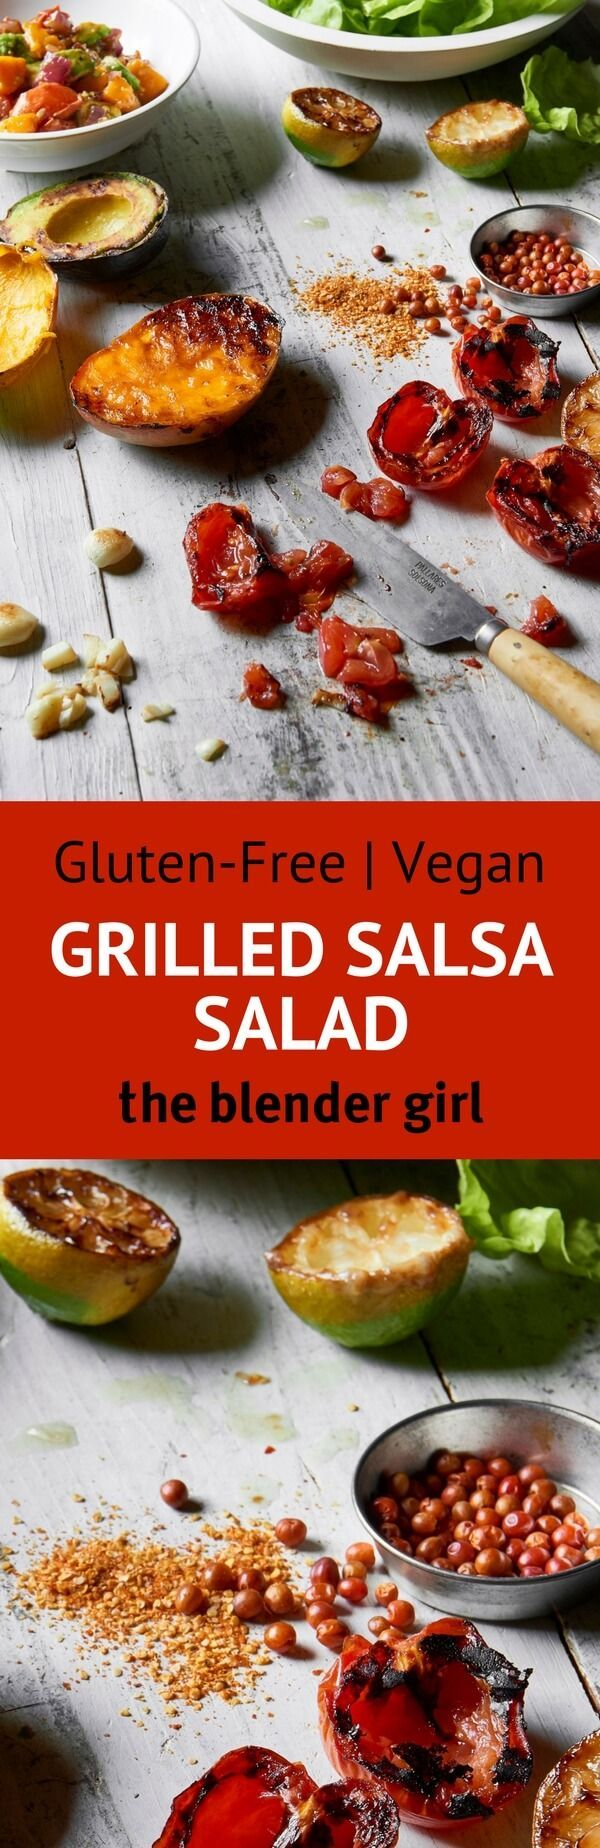 Grilled Vegetable Salad | Grilled Bell Pepper Salad | The Blender Girl #grilledvegetablesalad #salad #grilledbellpeppers #grilledvegetables